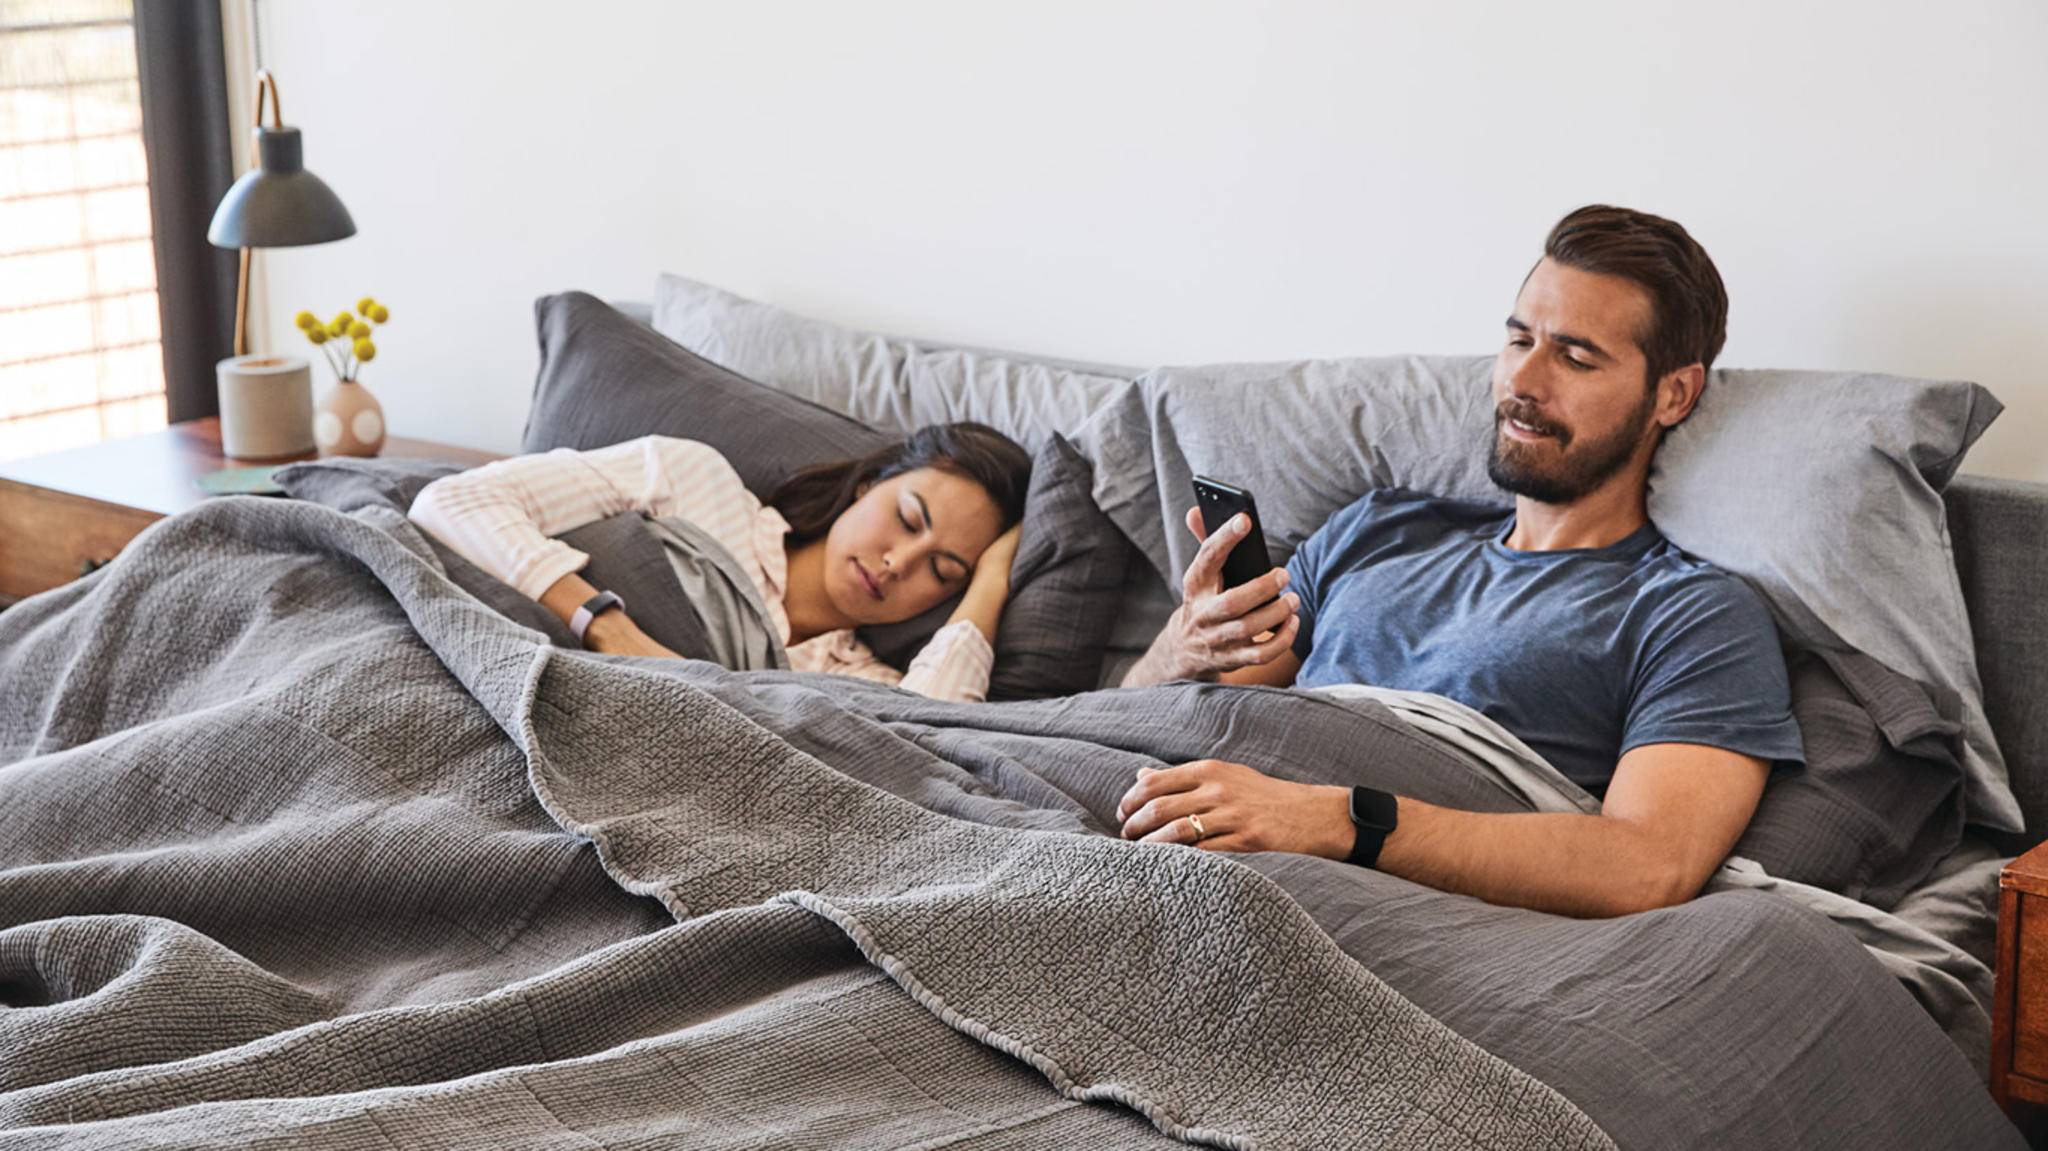 Fitbit Versa 2 bett schlaf